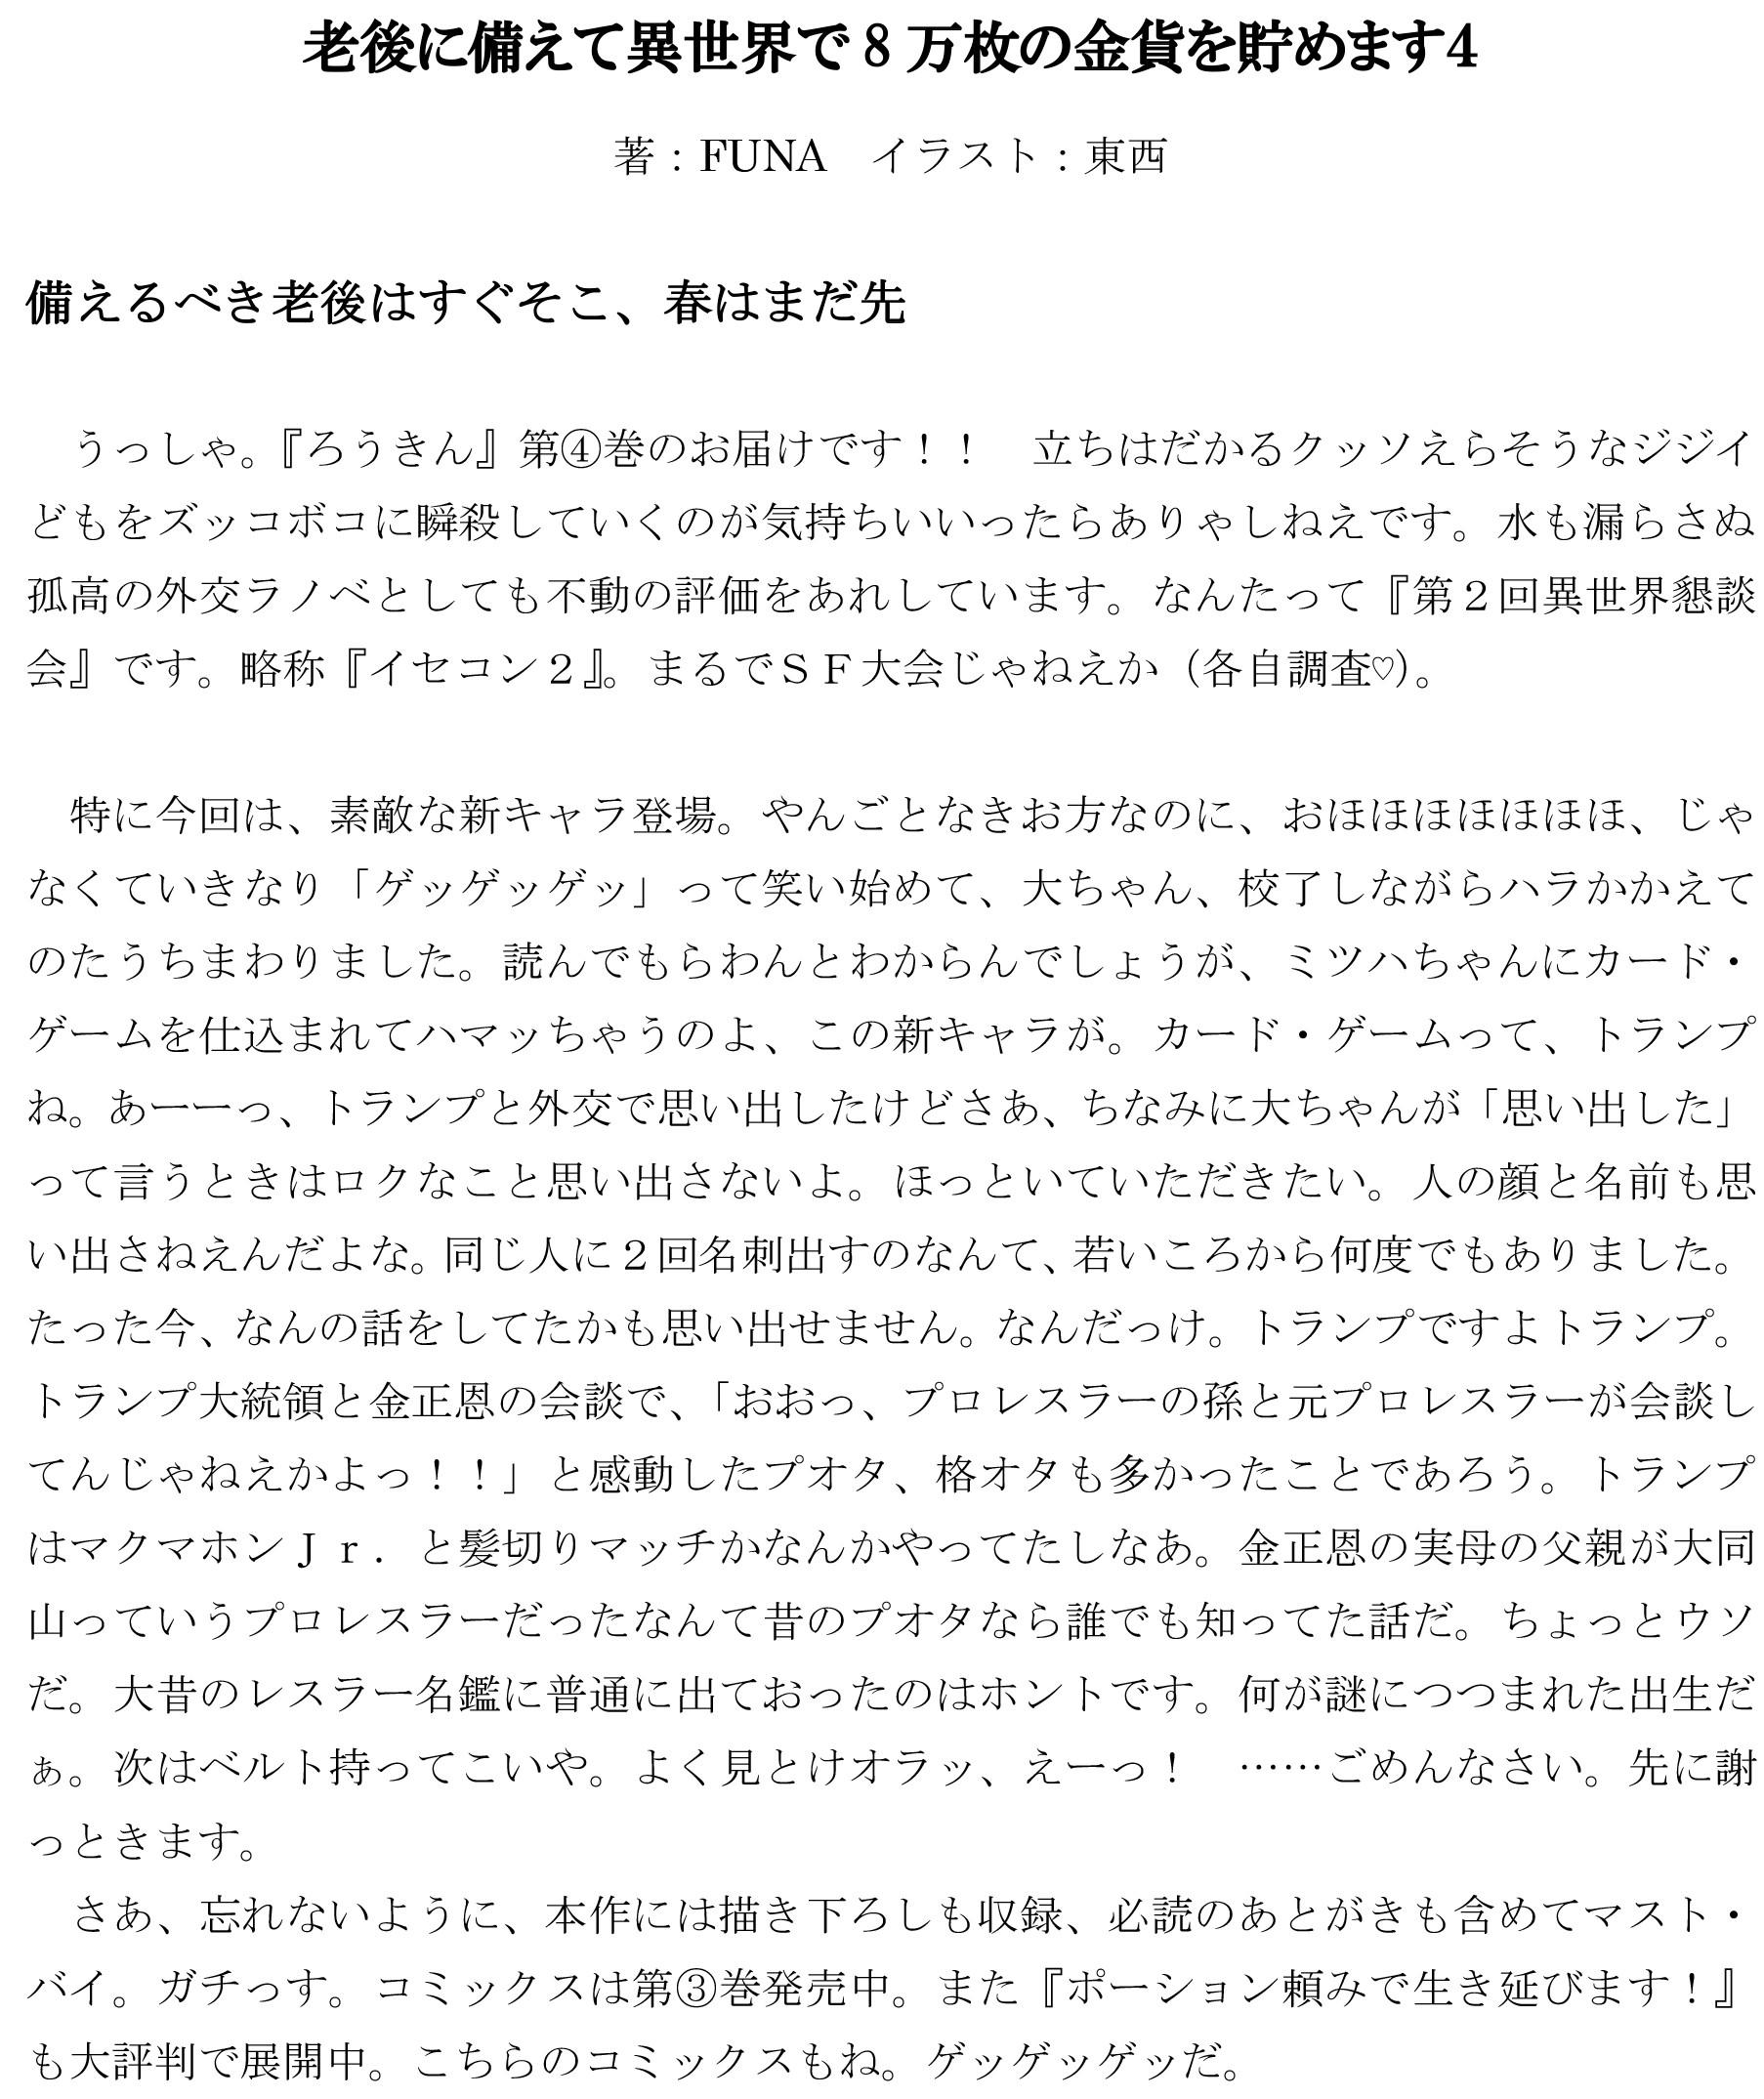 【ろうきん4】